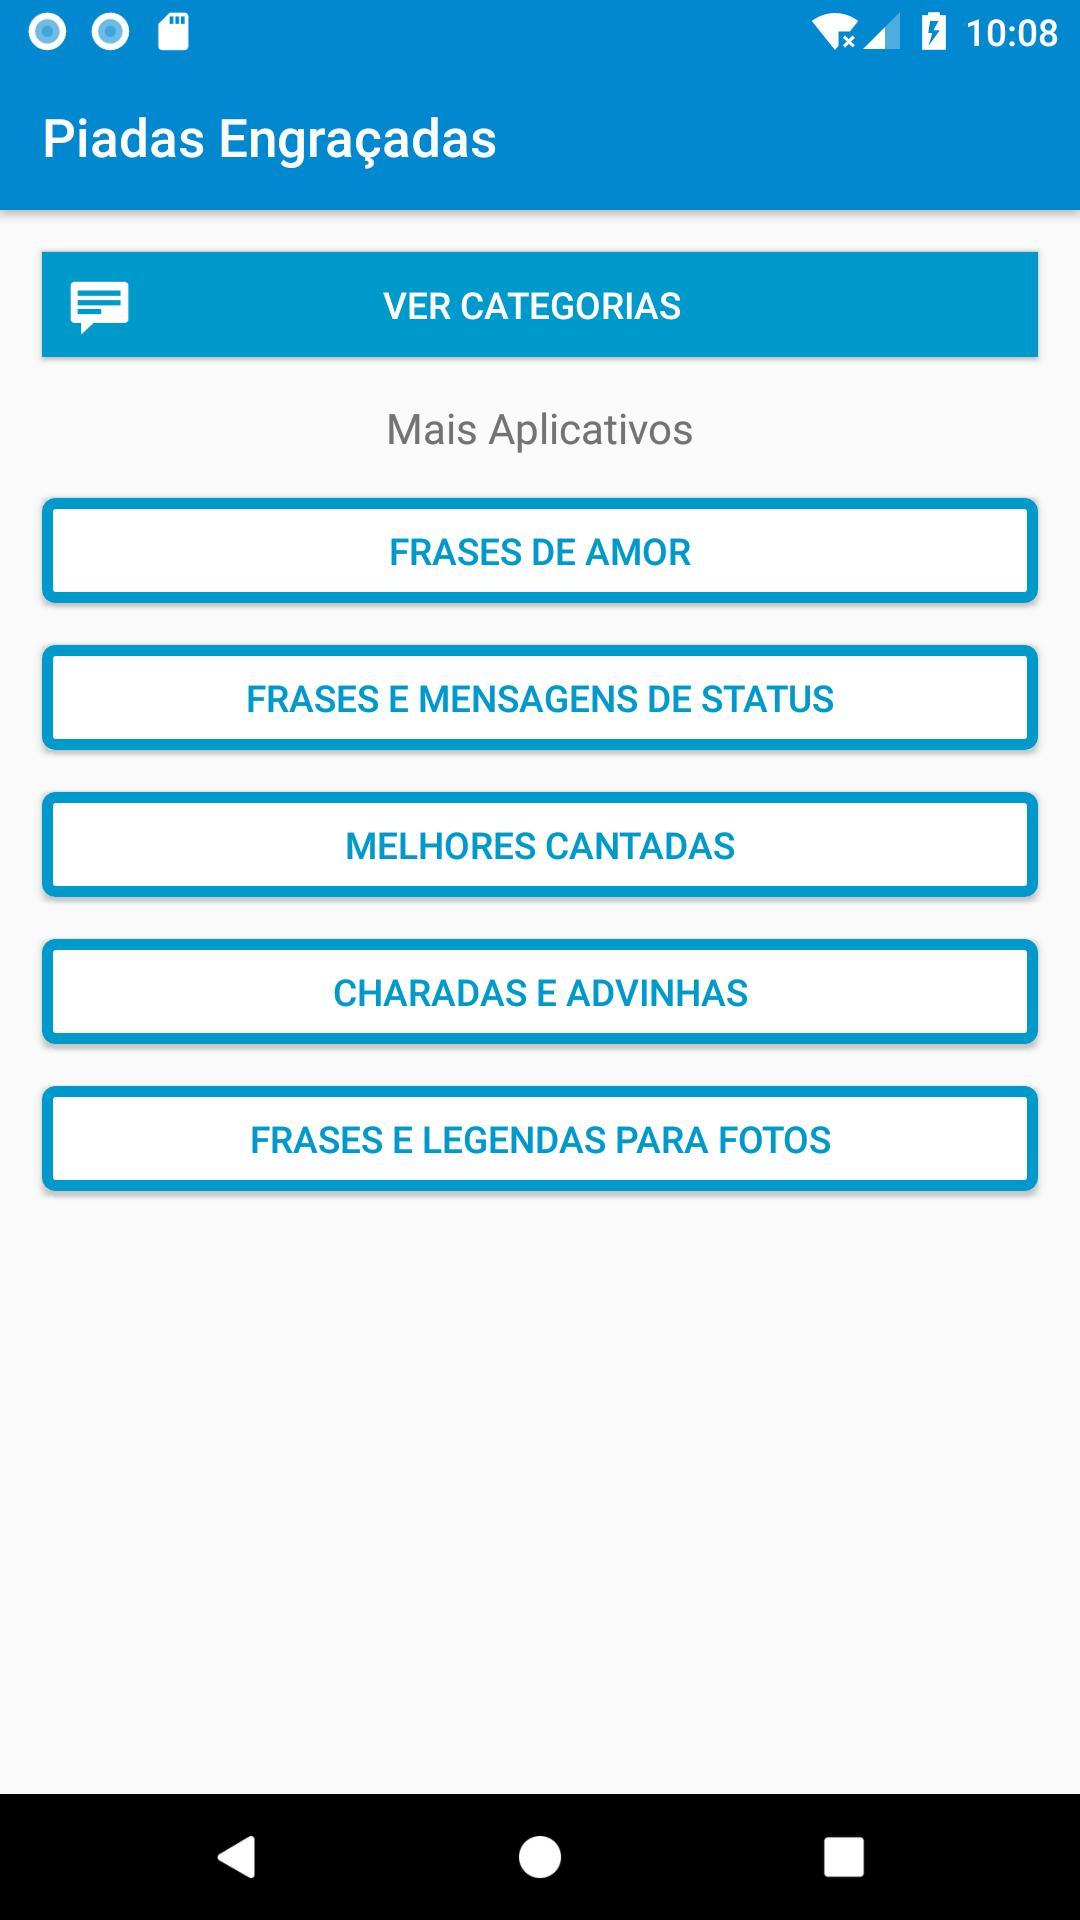 Piadas Engraçadas For Android Apk Download